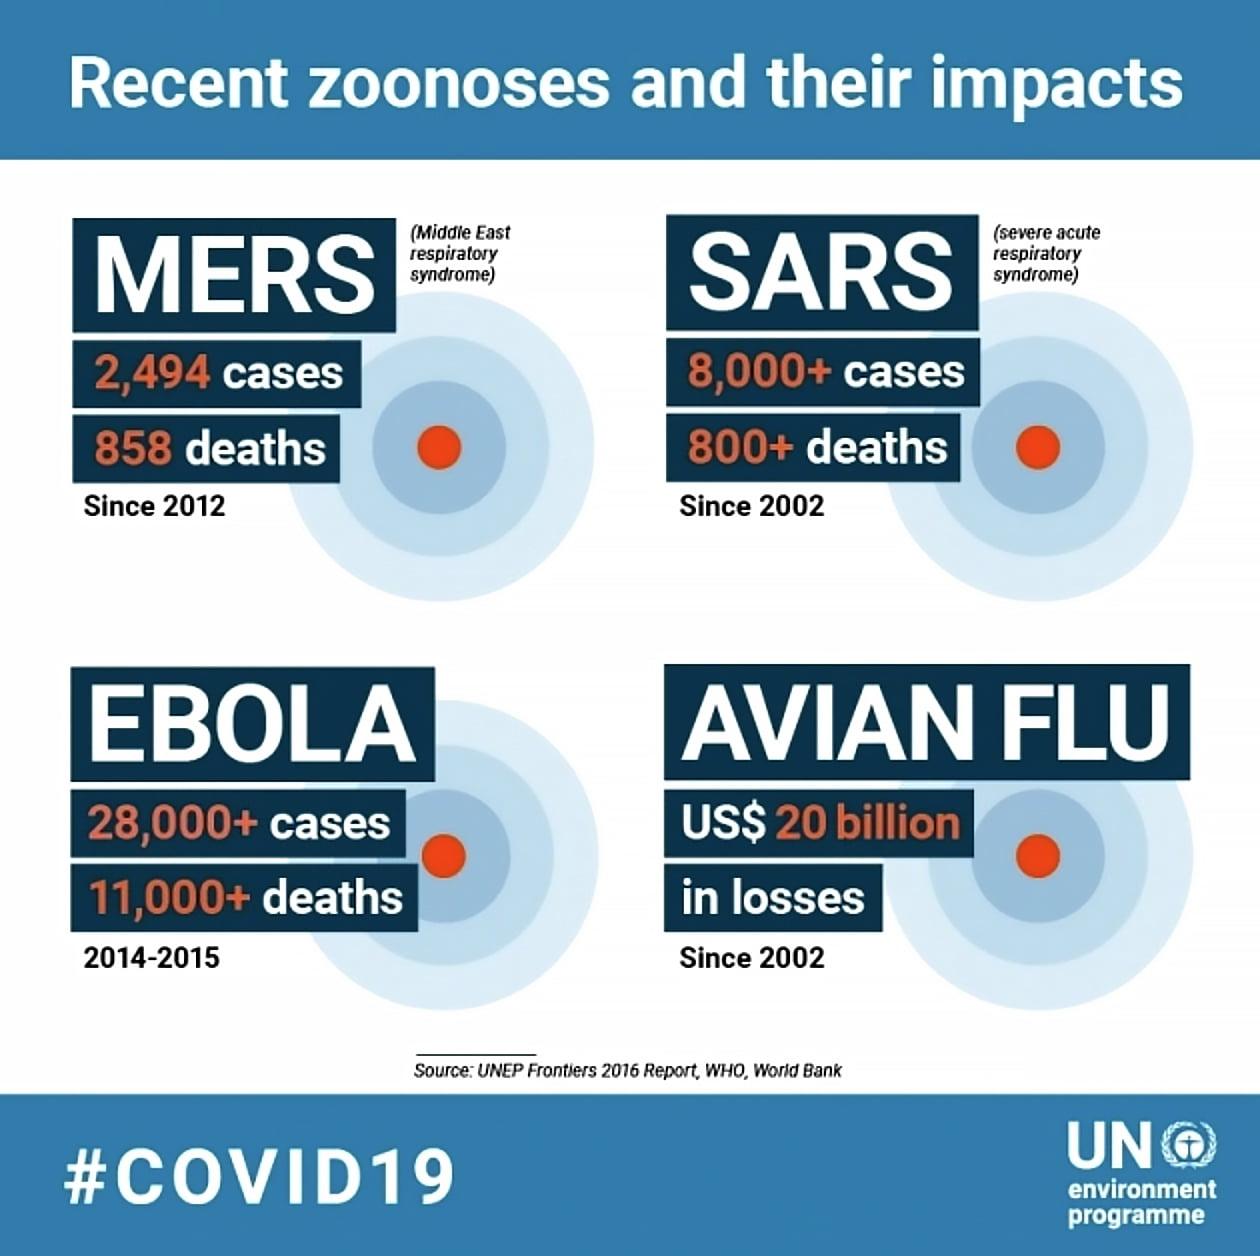 infogreafica da ONU sobre várias doenças zoonóticas